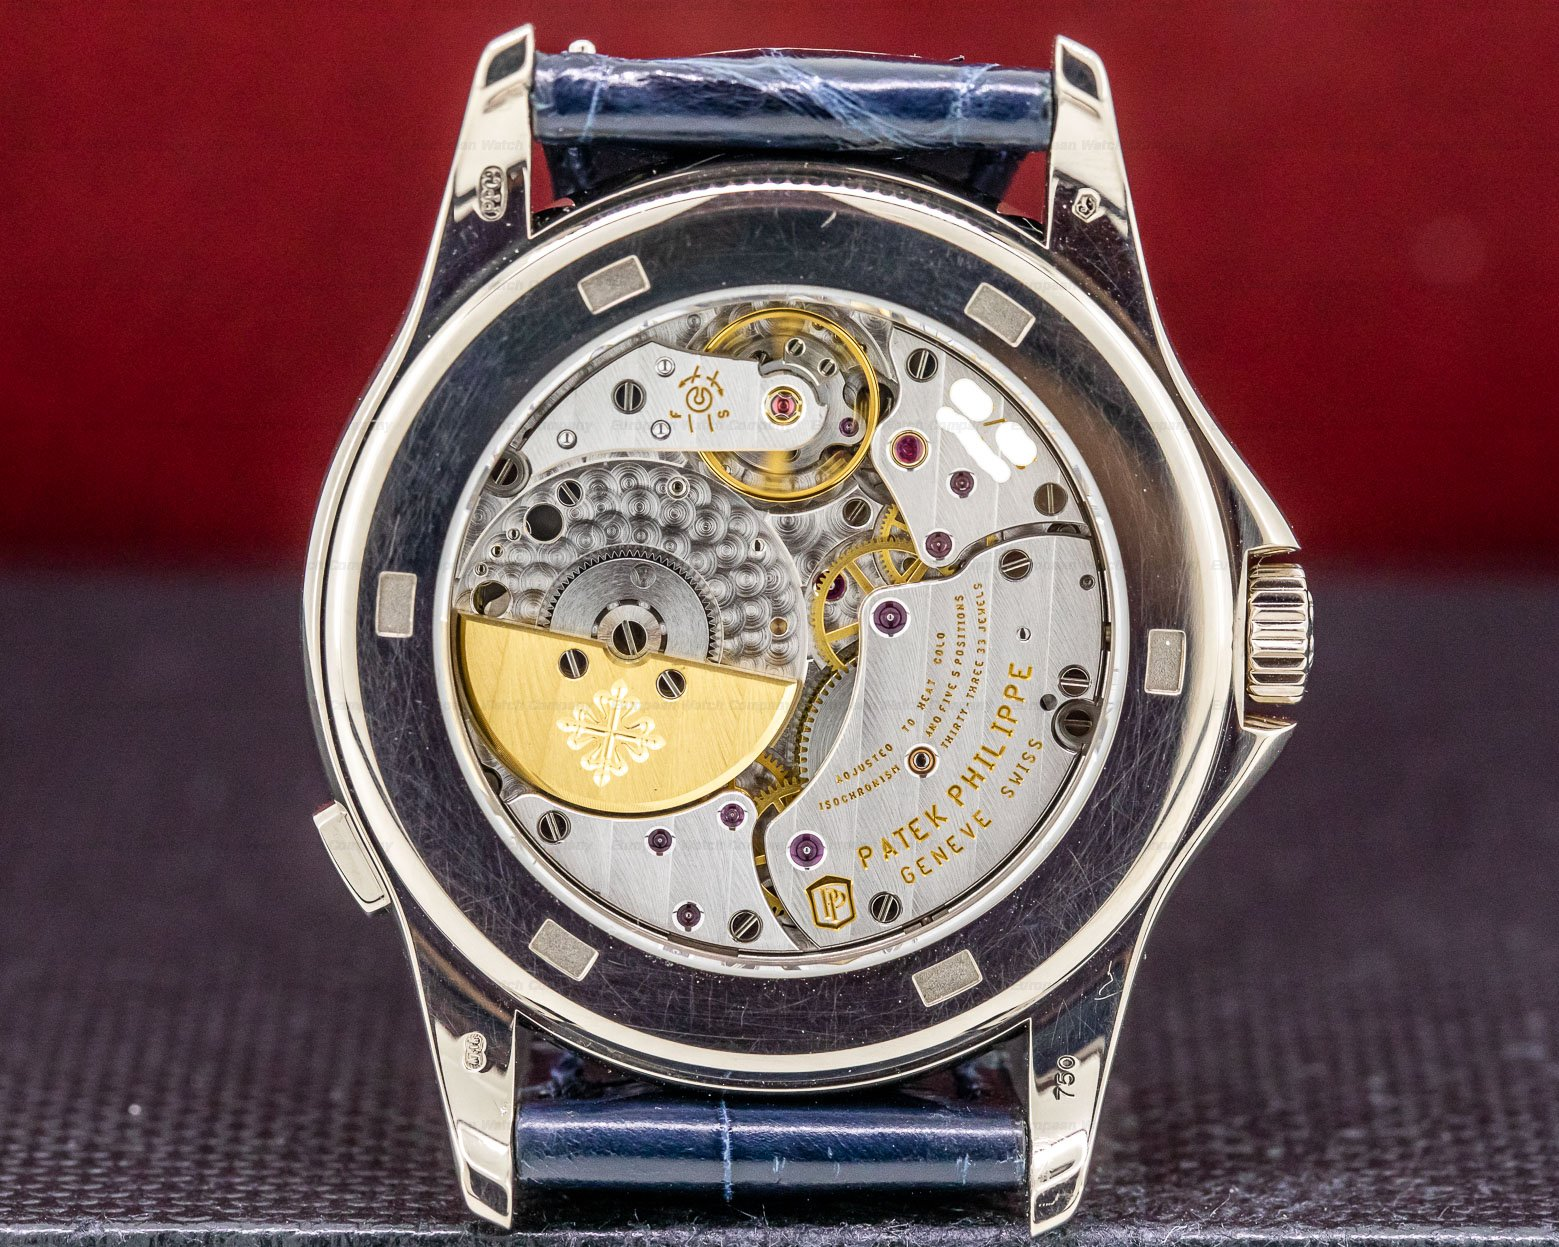 Patek Philippe 5130G-001 World Time 18K White Gold